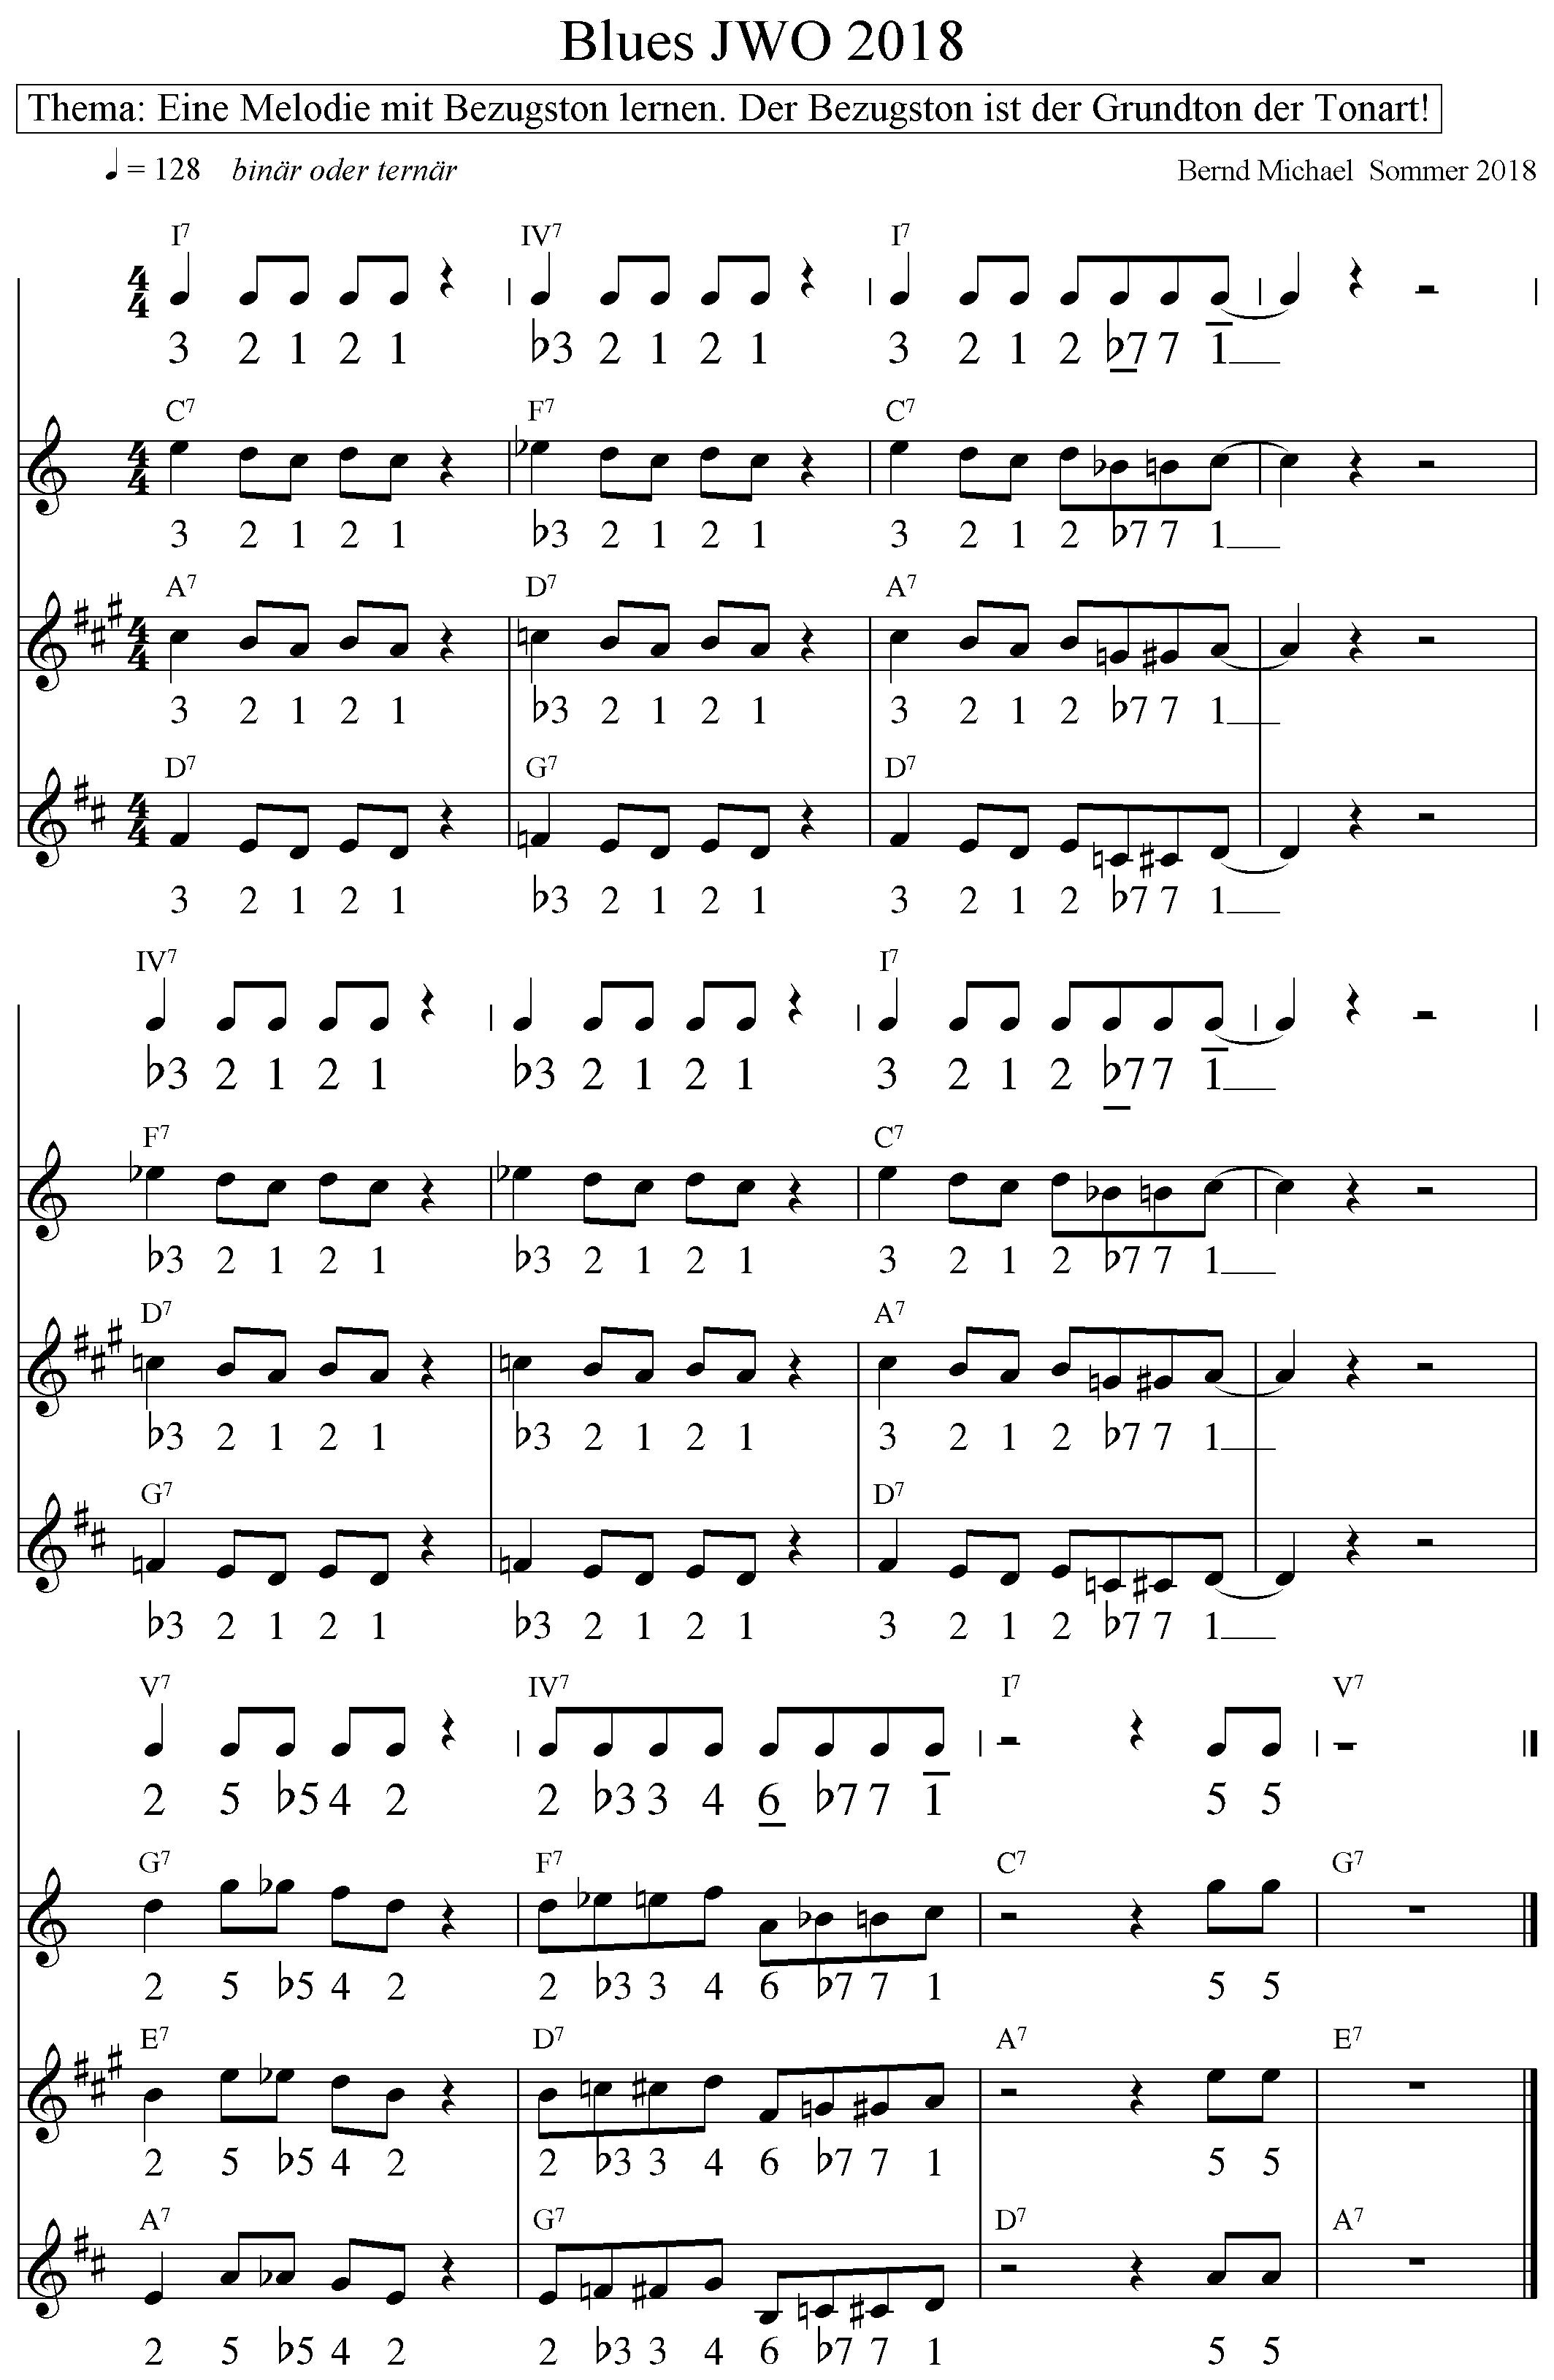 Blues Bleib Kuhl. Traditionelle Notation mit Transpositionen für B- und Es-Instrumente.